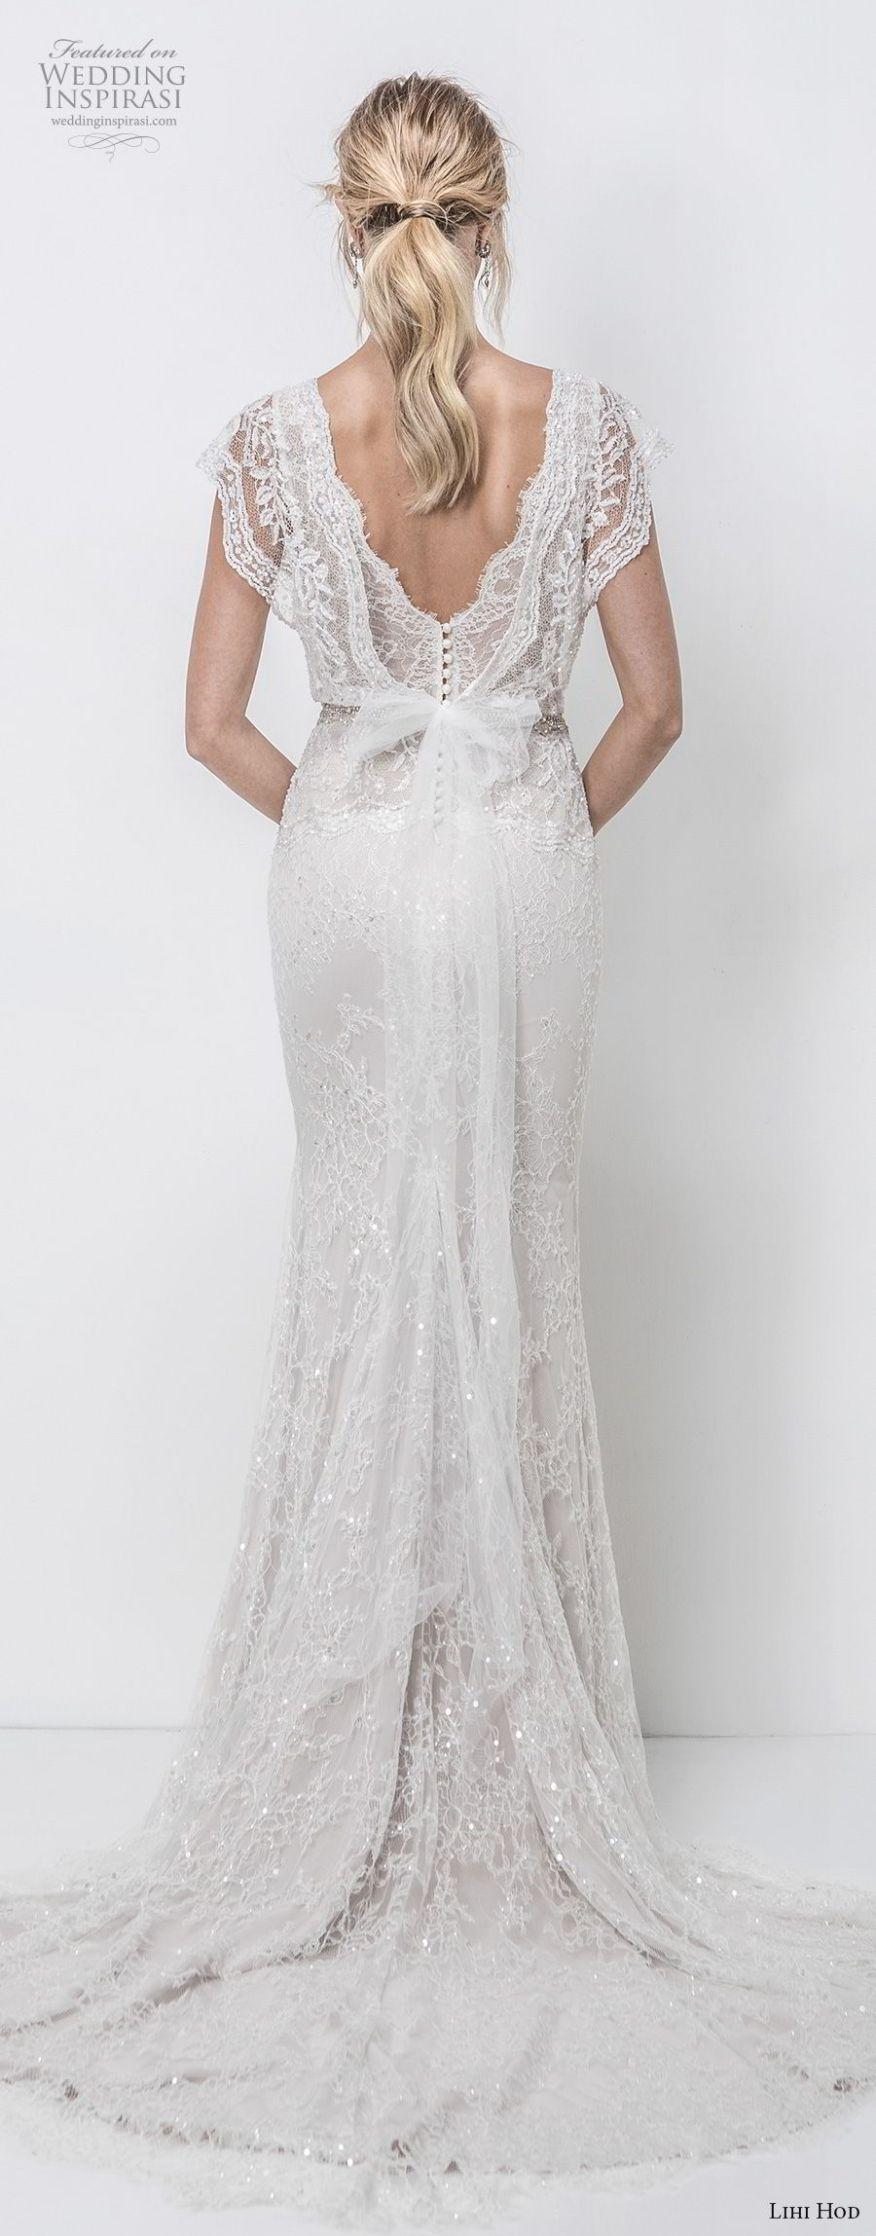 Lihi hod fall wedding dresses someday pinterest